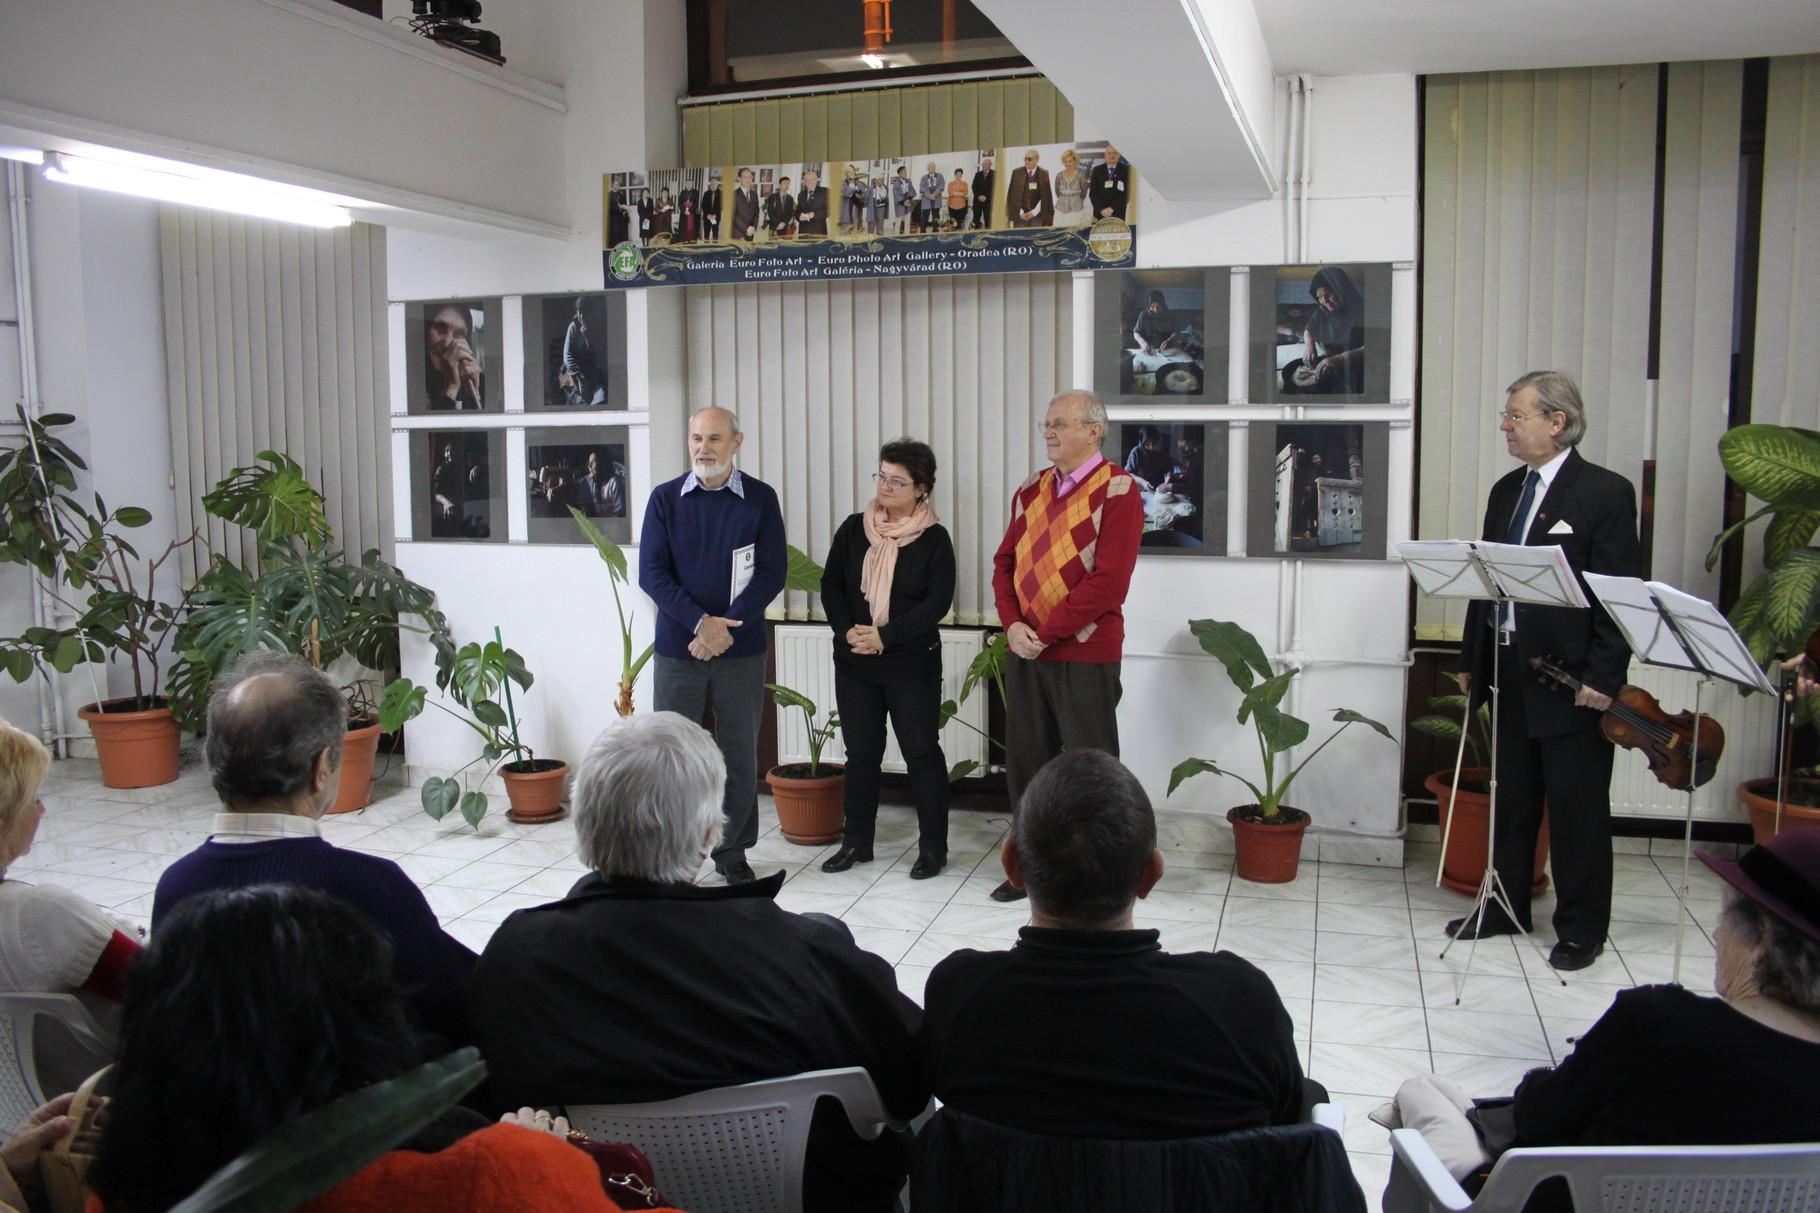 Foto: Claudiu Szabó EFIAP